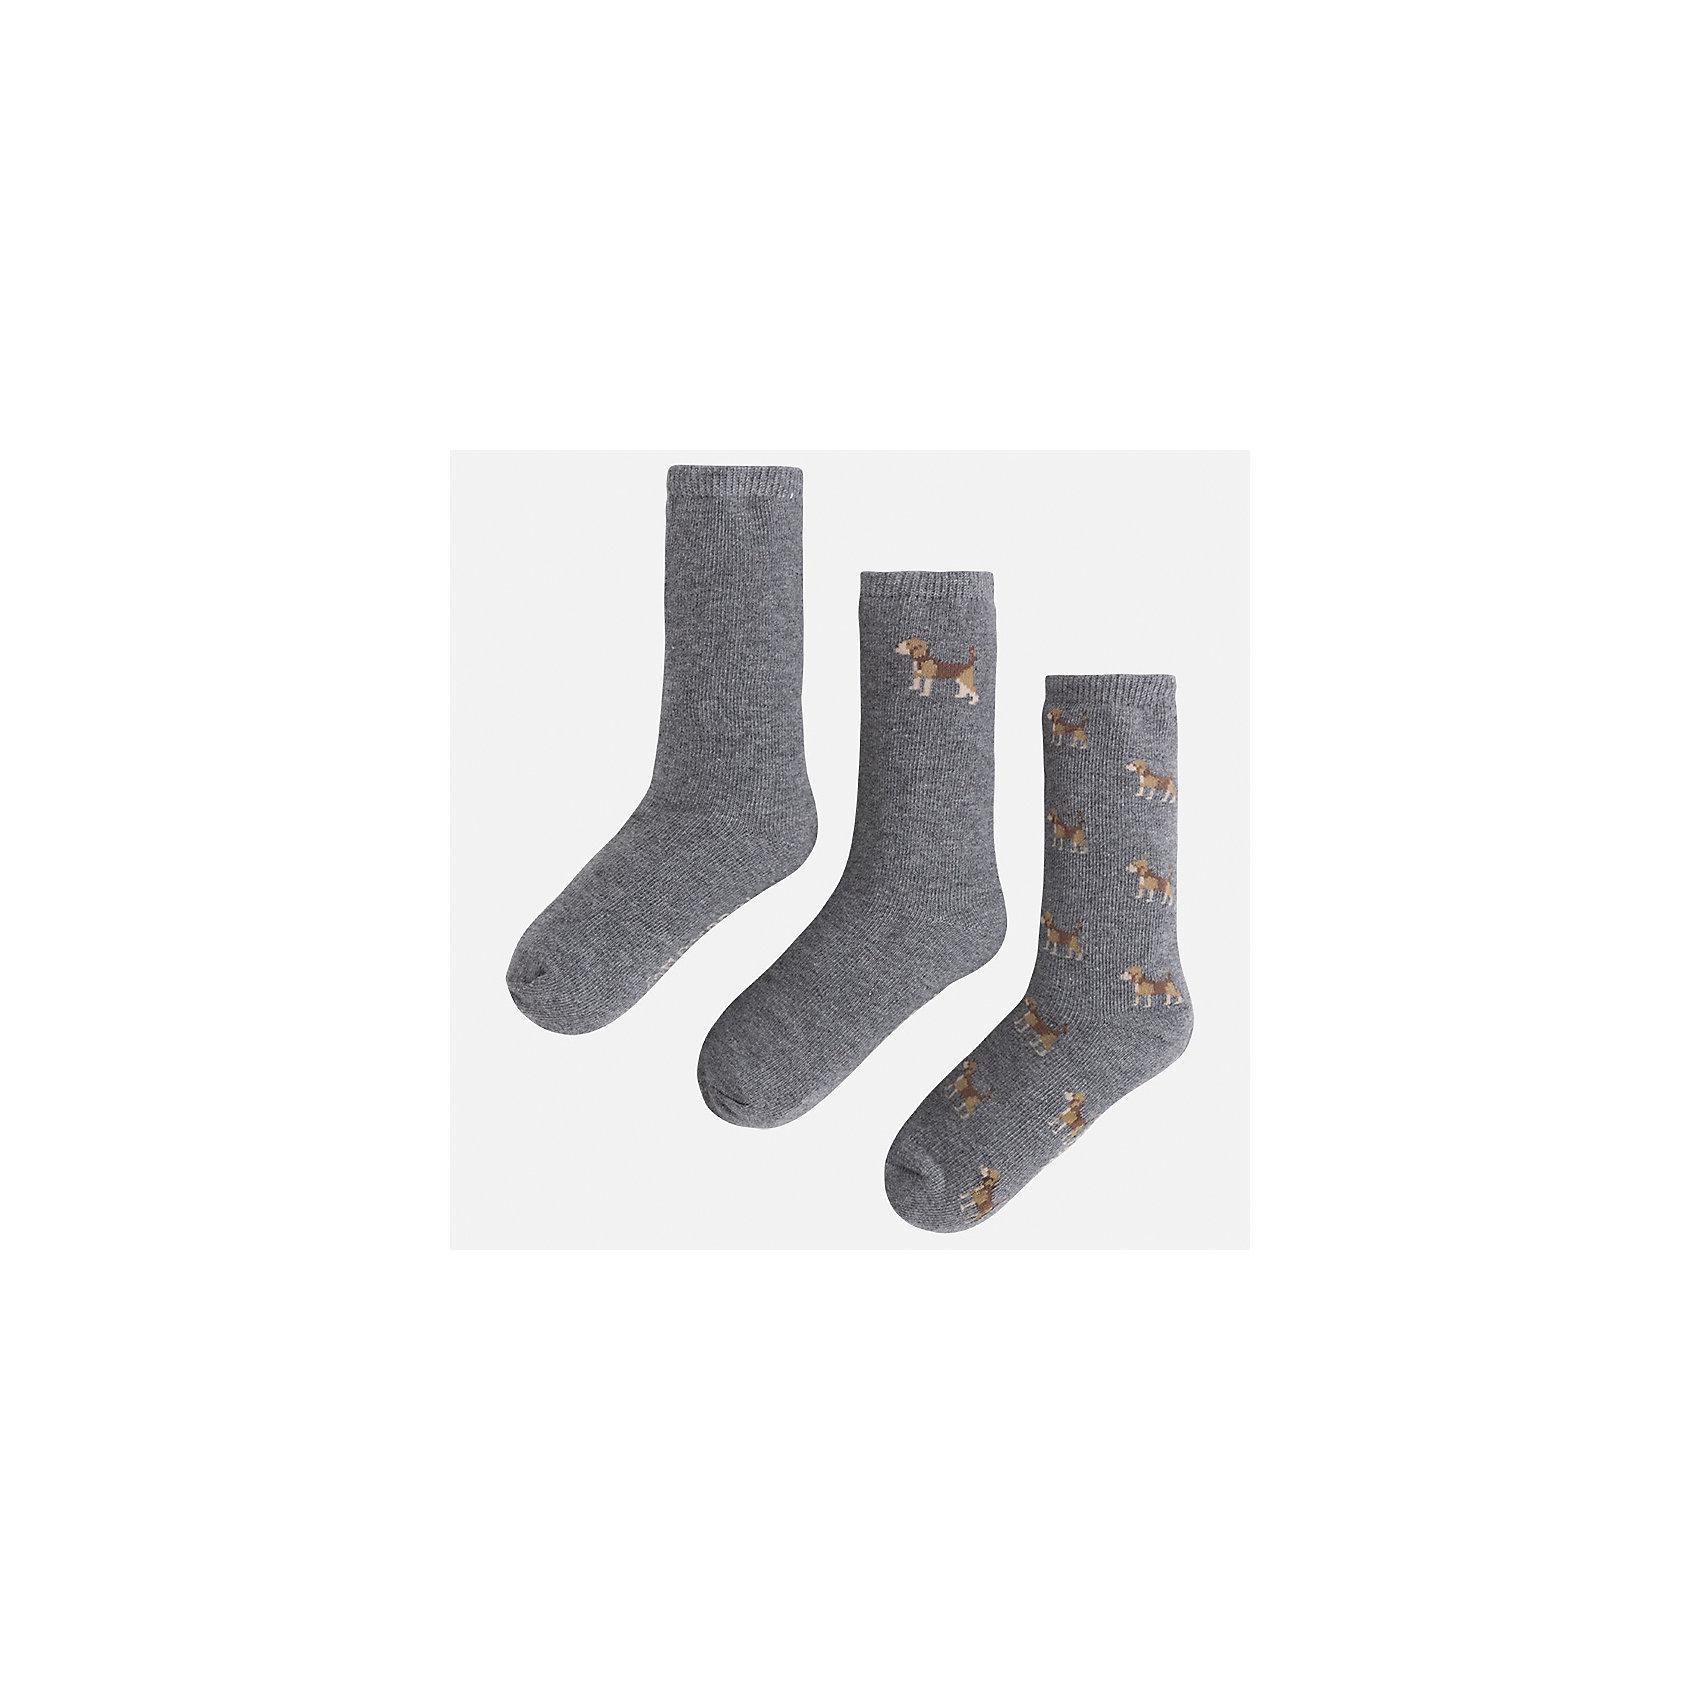 Носки (3 пары) для мальчика MayoralНоски<br>Характеристики товара:<br><br>• цвет: коричневый<br>• состав ткани: 77% хлопок, 20% полиамид, 3% эластан<br>• сезон: круглый год<br>• комплектация: 3 пары<br>• страна бренда: Испания<br>• страна изготовитель: Индия<br><br>Симпатичные носки для мальчика от популярного бренда Mayoral отличаются оригинальным декором. Детские носки смотрятся аккуратно и нарядно. В таких носках для детей от испанской компании Майорал ребенок будет выглядеть модно, а чувствовать себя - комфортно. <br><br>Носки (3 пары) для мальчика Mayoral (Майорал) можно купить в нашем интернет-магазине.<br><br>Ширина мм: 87<br>Глубина мм: 10<br>Высота мм: 105<br>Вес г: 115<br>Цвет: коричневый<br>Возраст от месяцев: 96<br>Возраст до месяцев: 108<br>Пол: Мужской<br>Возраст: Детский<br>Размер: 33-35,24-26,27-29,30-32<br>SKU: 6939160